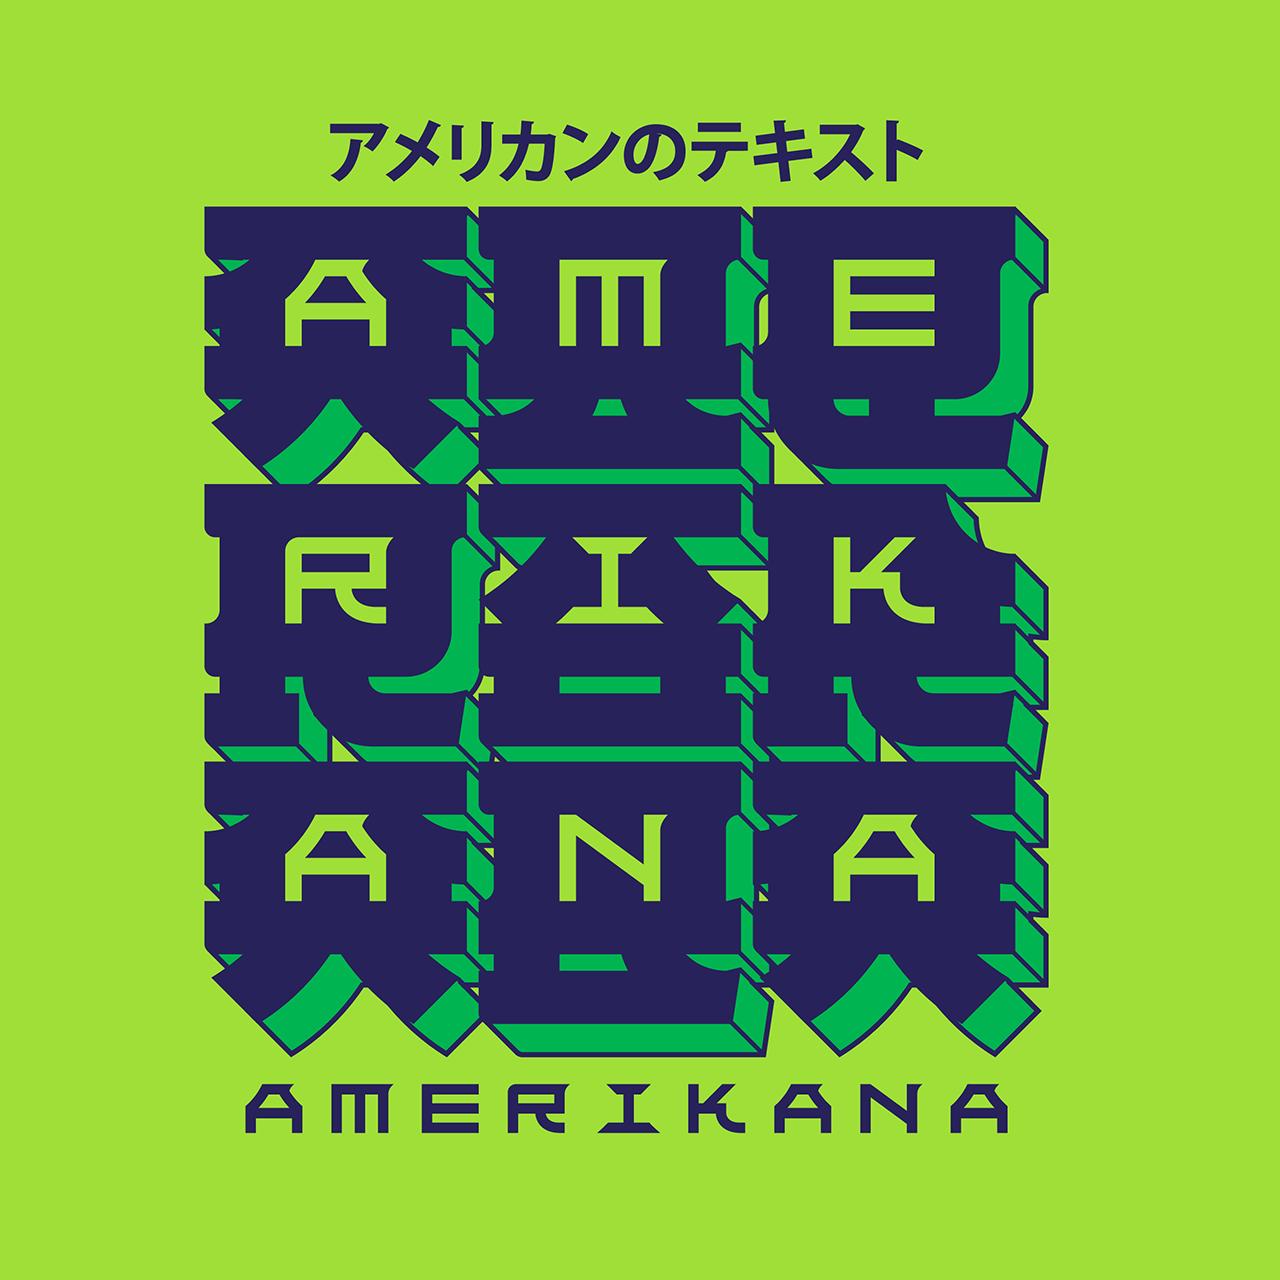 Katakana_Characters_FinalArt_v copy 4.png